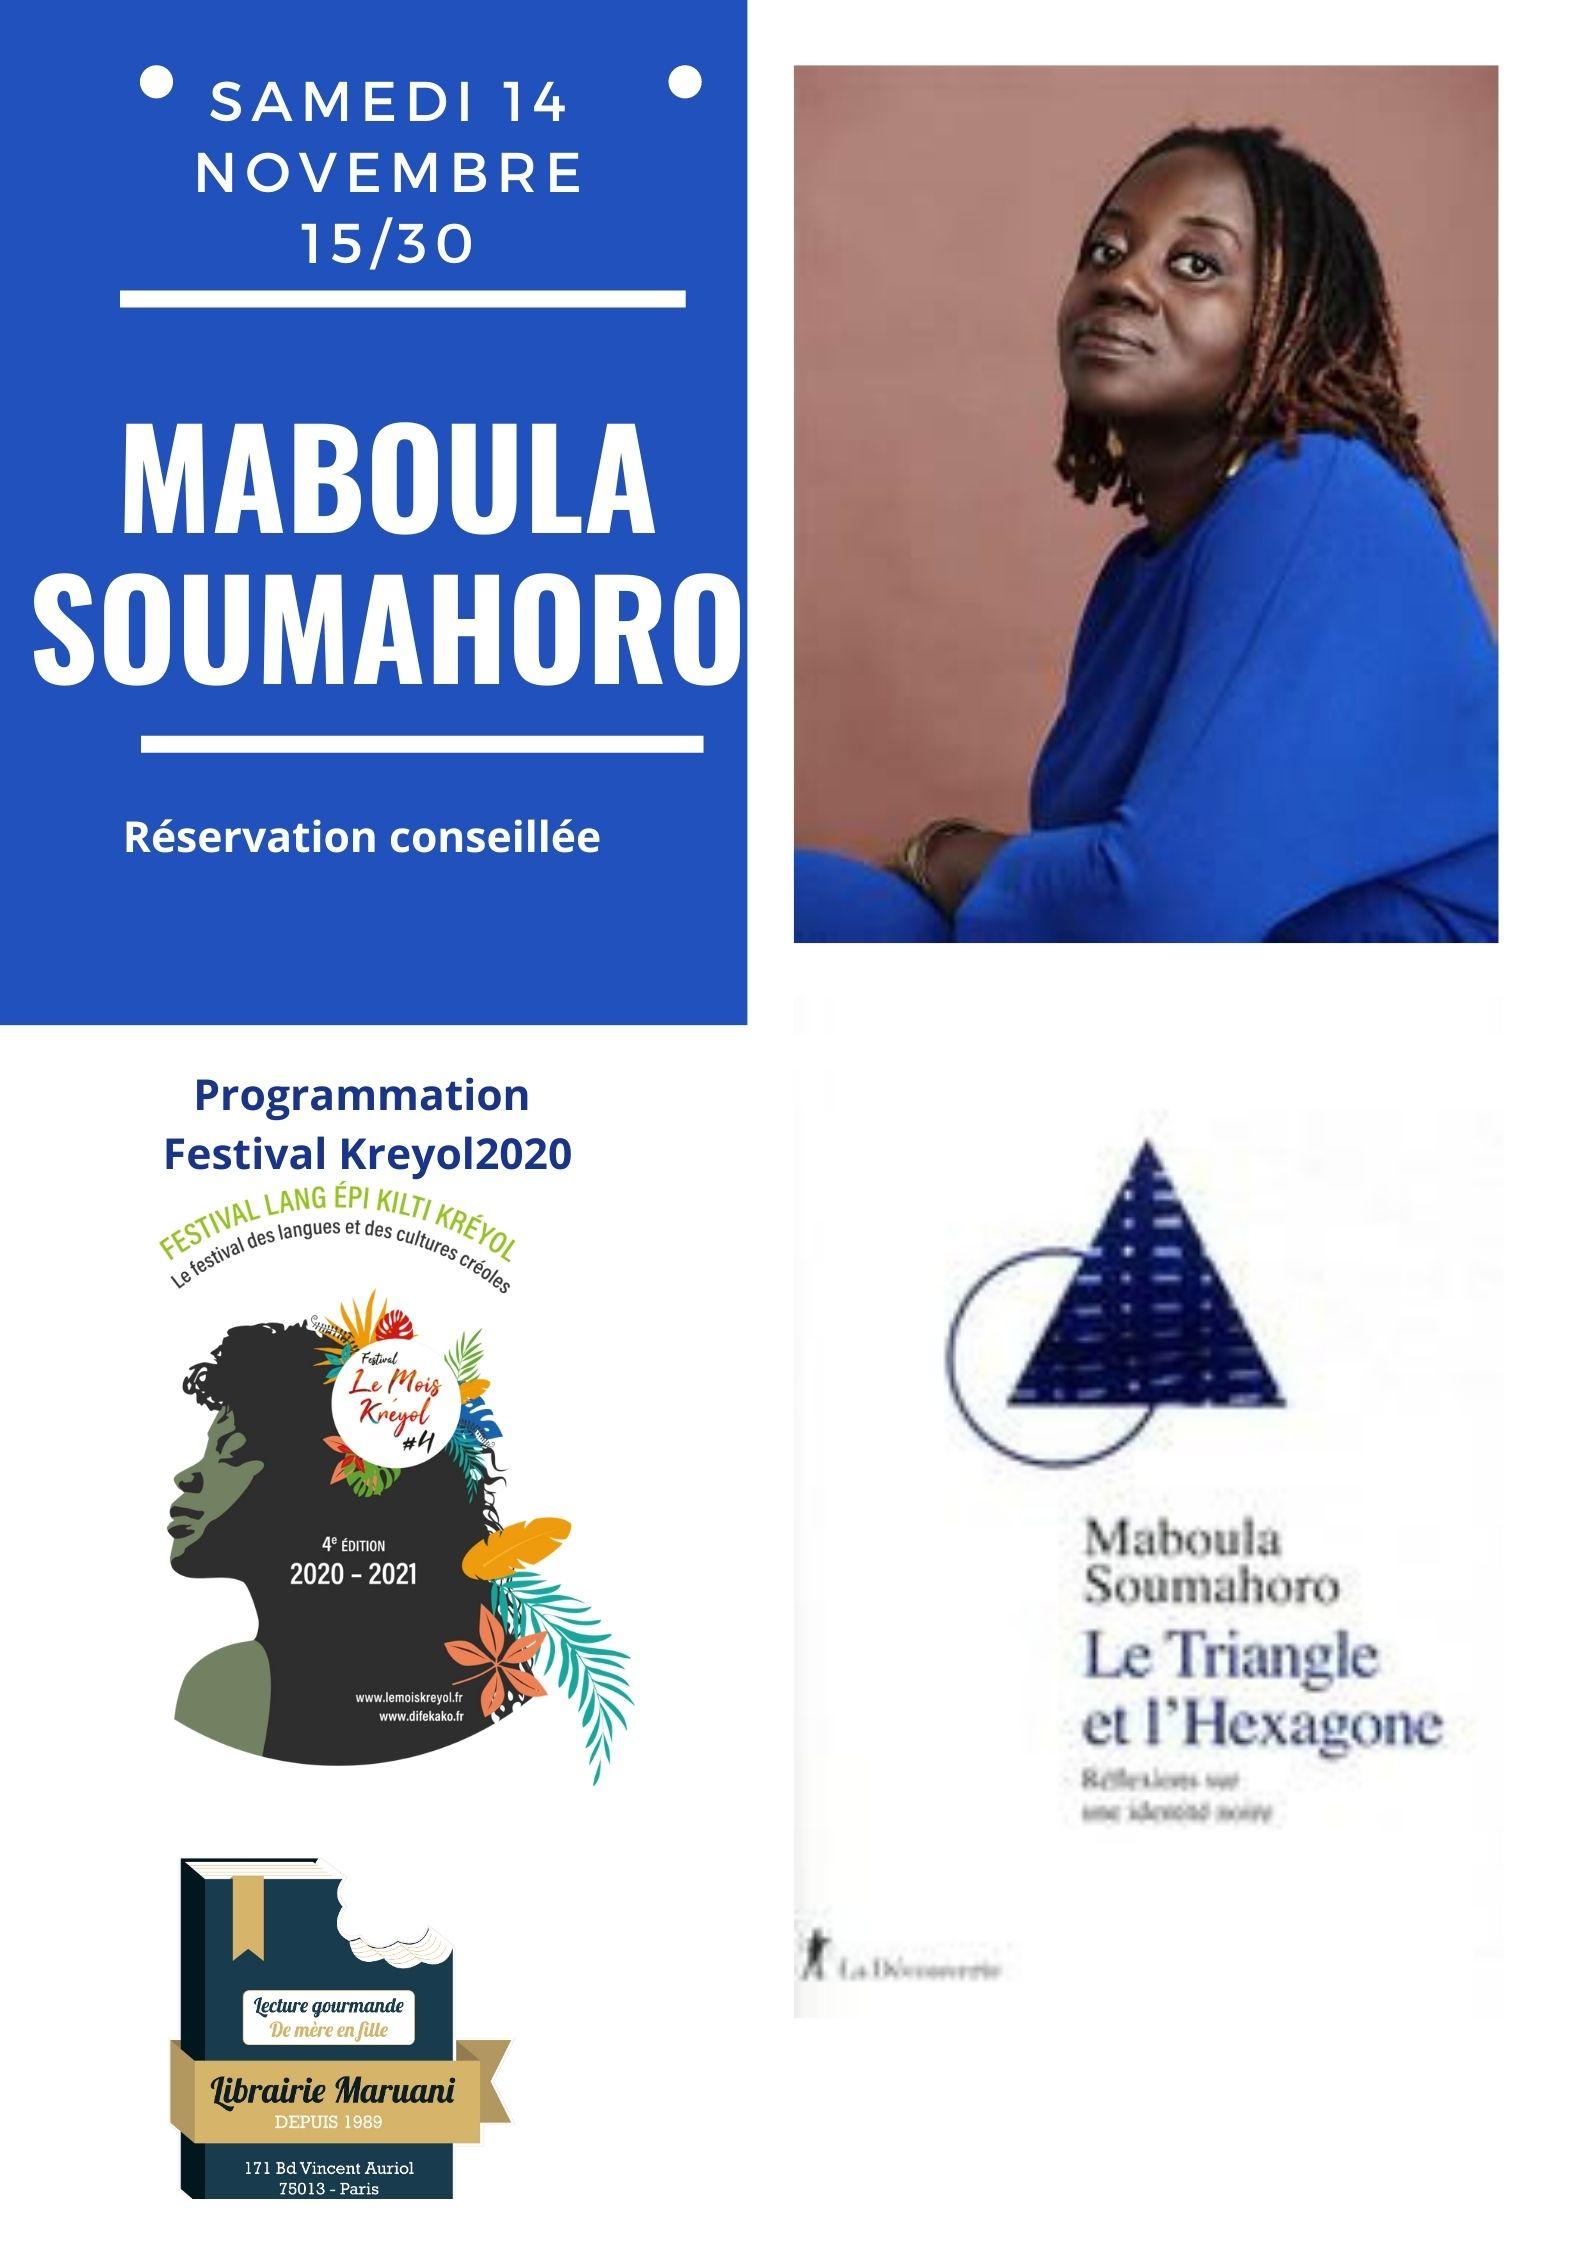 Rencontre Maboula Soumahoro